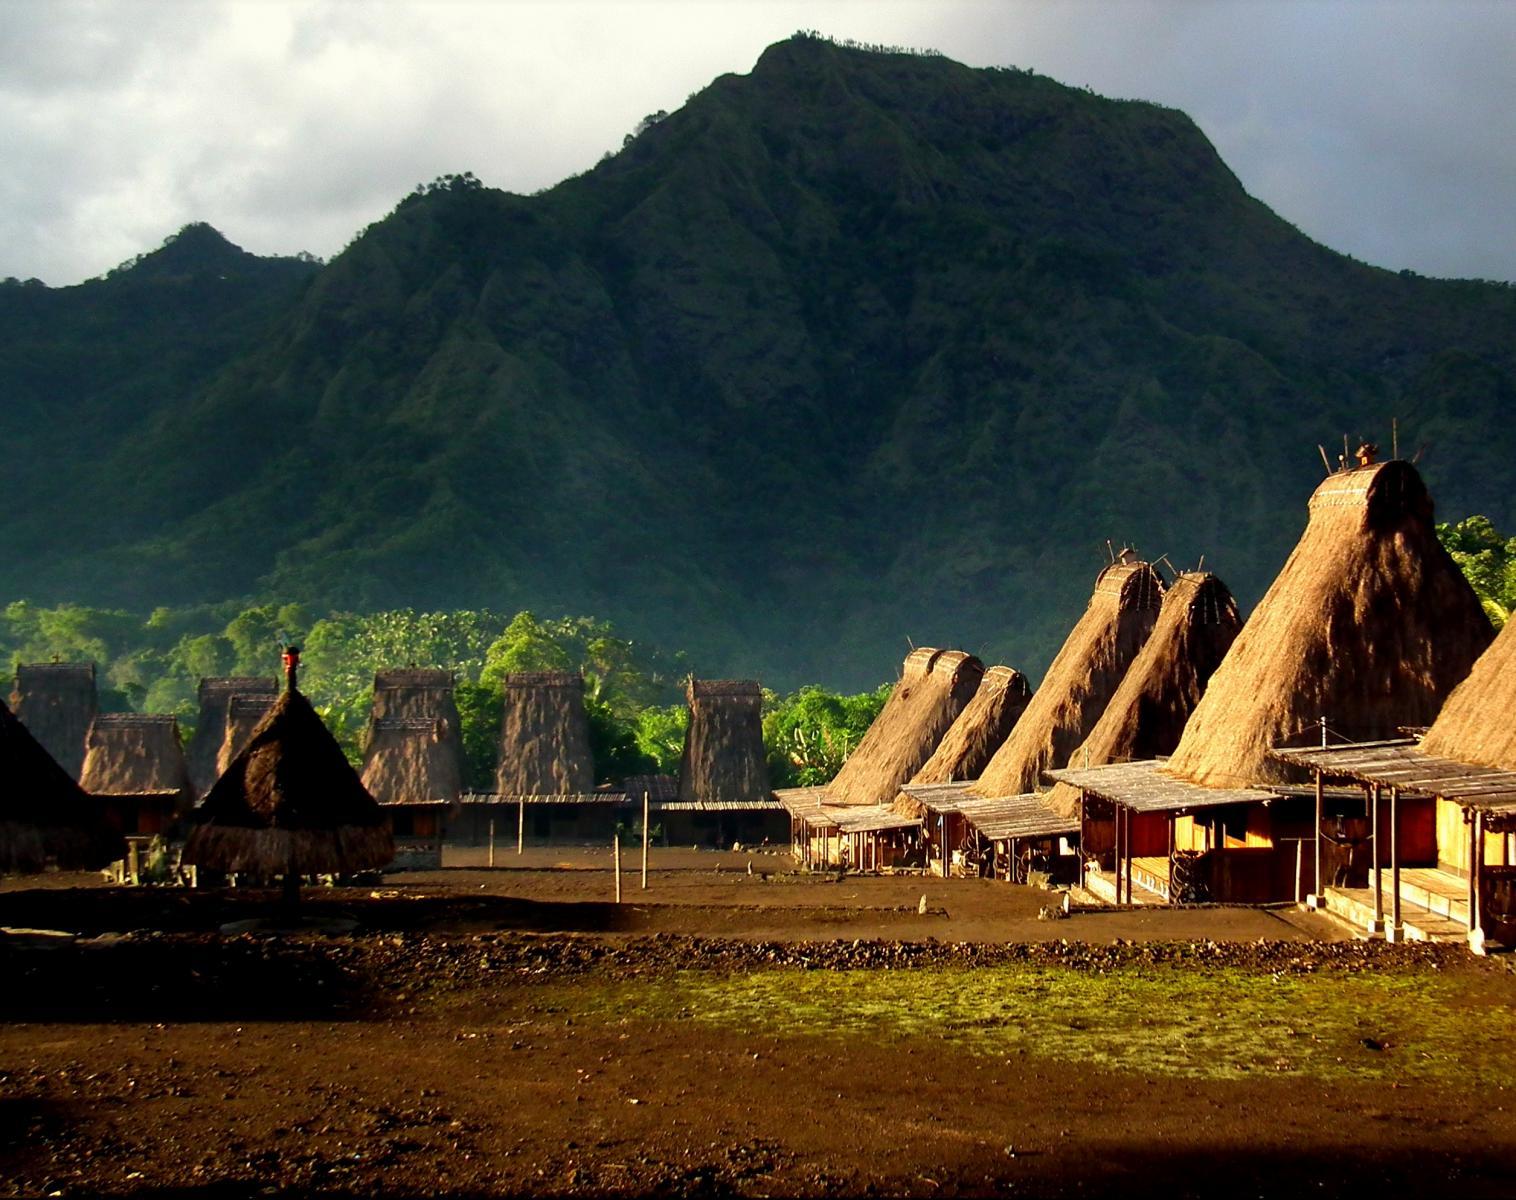 Indonésie  Indonésie, Odyssée sauvage dans les îles de la Sonde   Découverte Observation nature Apnée & Plongée  Rencontres et cultures du Monde